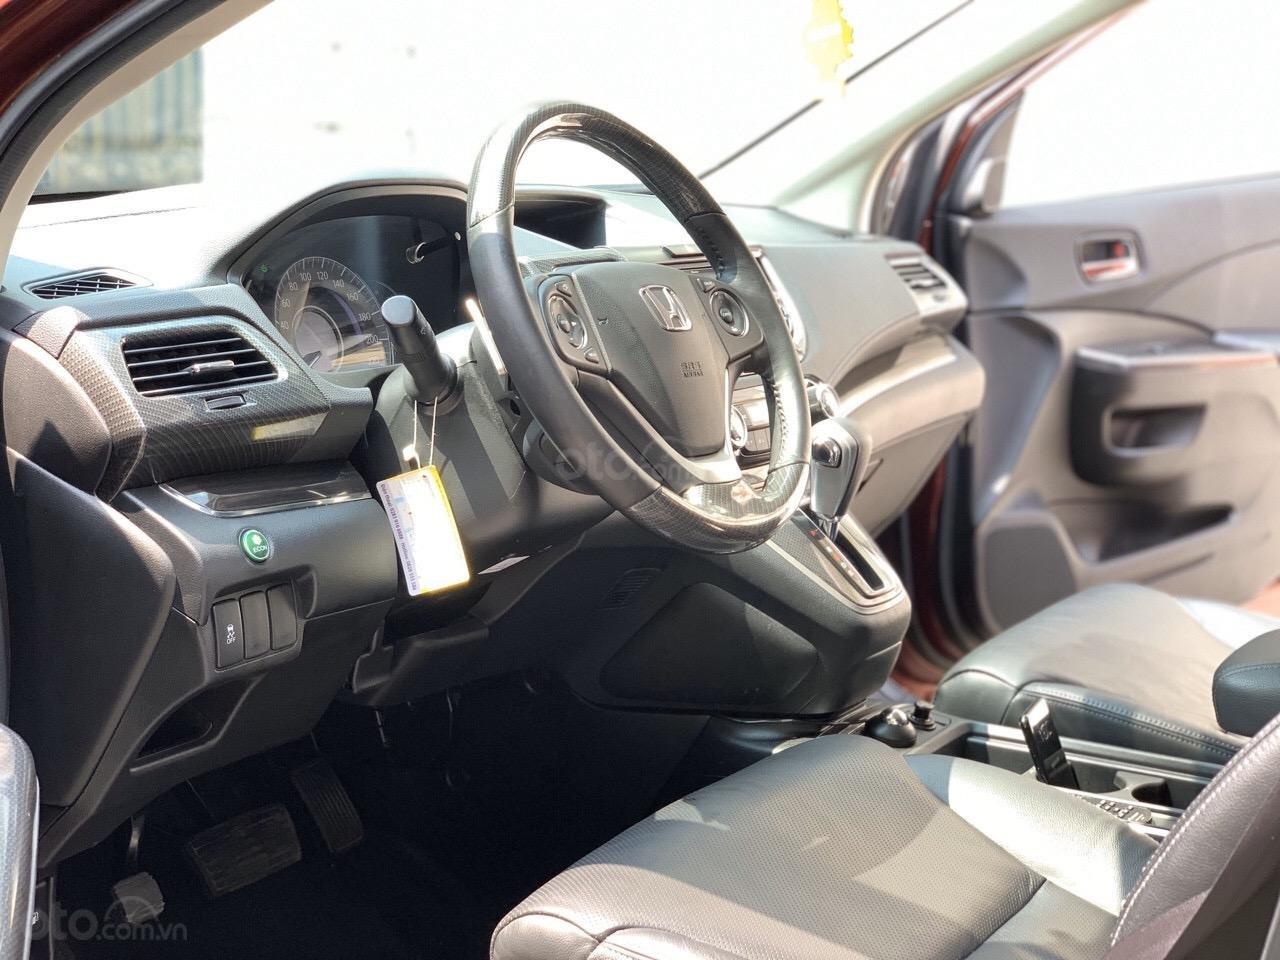 Bán Honda CRV 2.4 bản TG SX 2017 lẫy số vô lăng, xe đen bao check hãng (5)